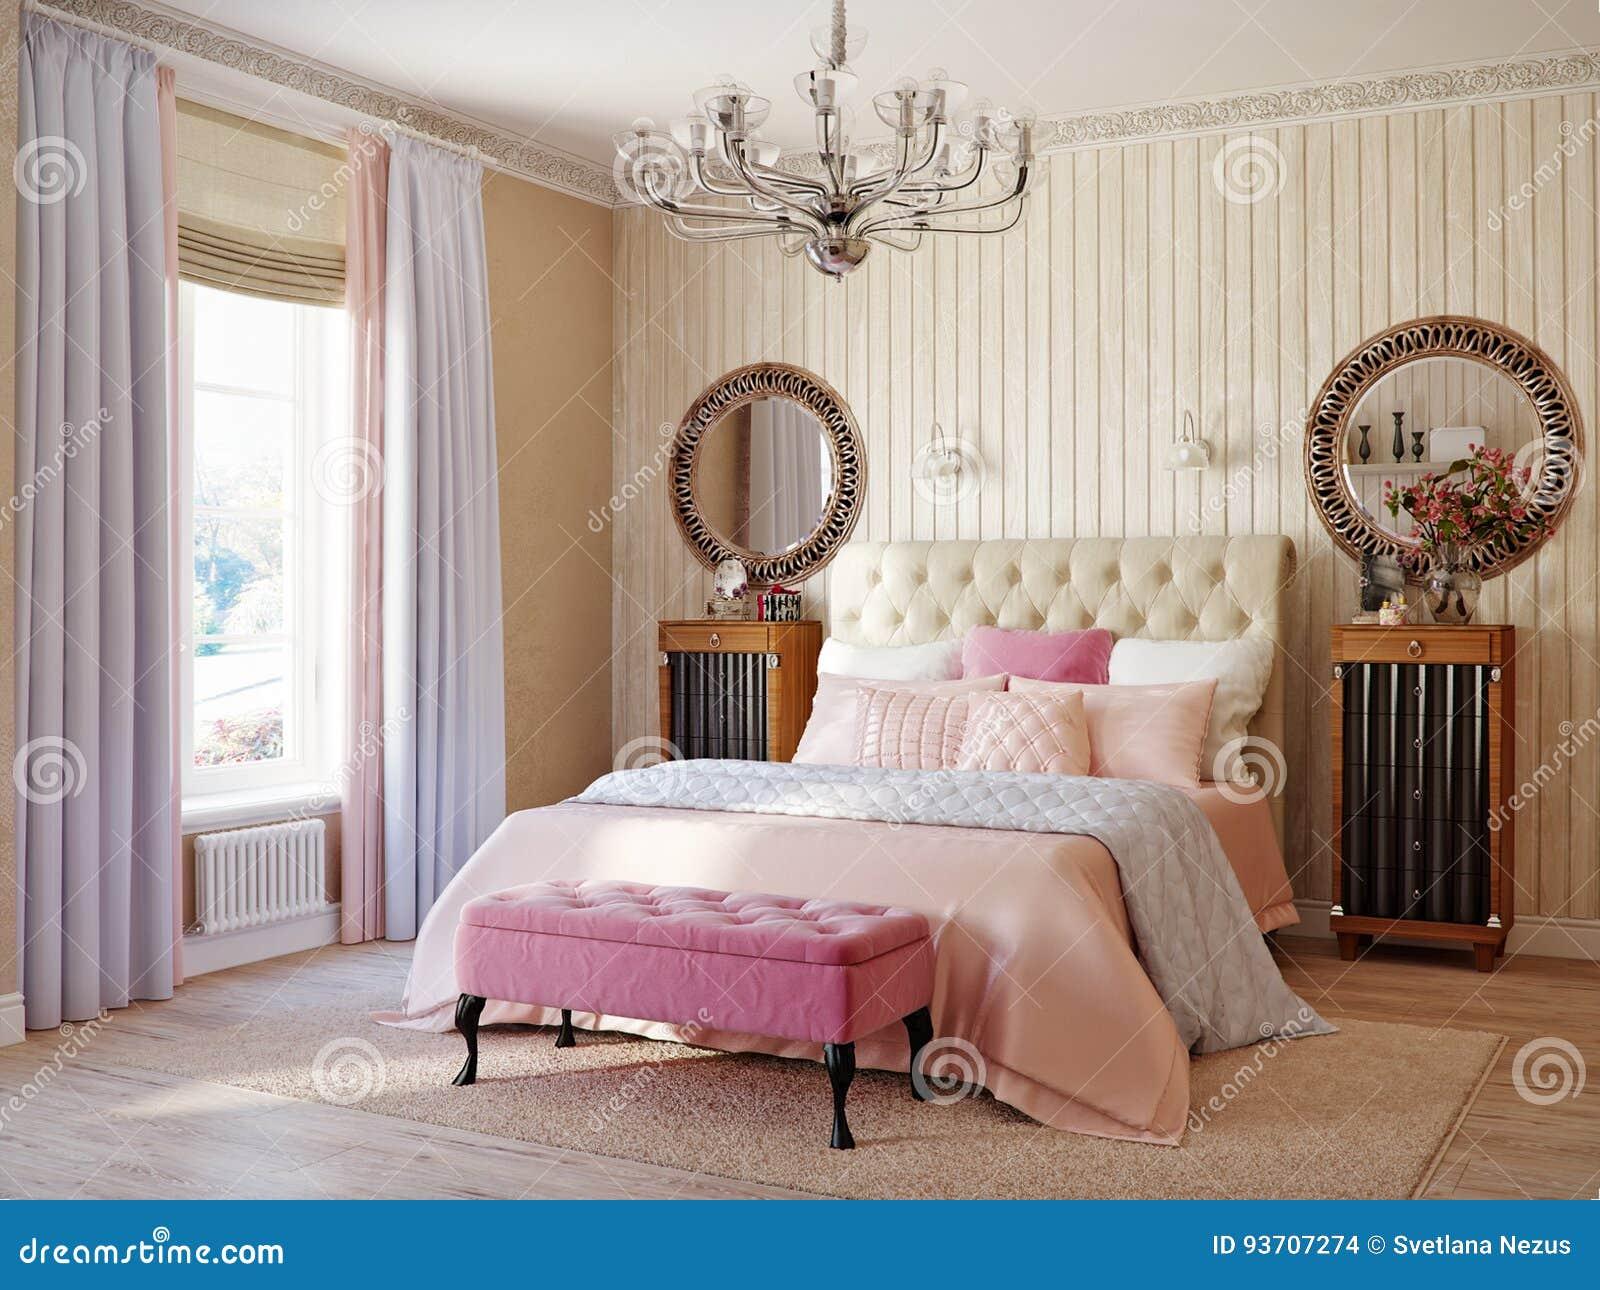 Camere Da Letto Rustiche Foto : Camera da letto rustica moderna classica tradizionale della